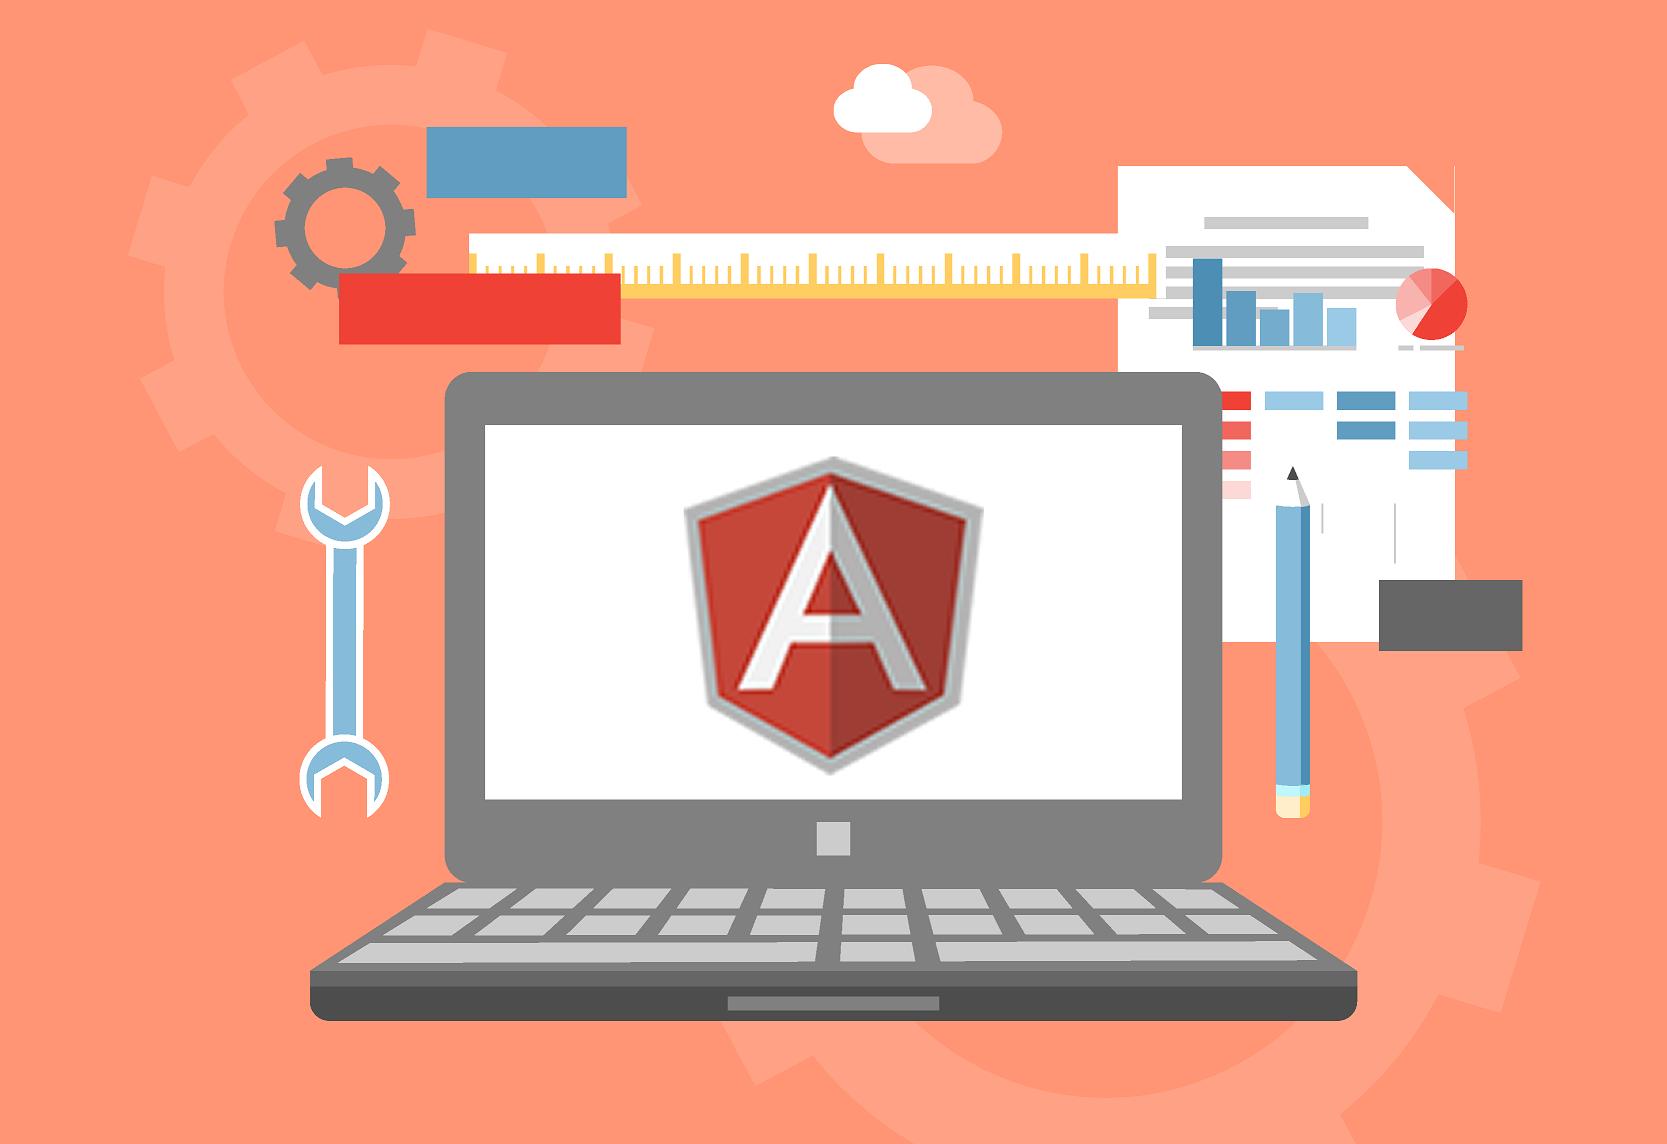 Web Application with Angular